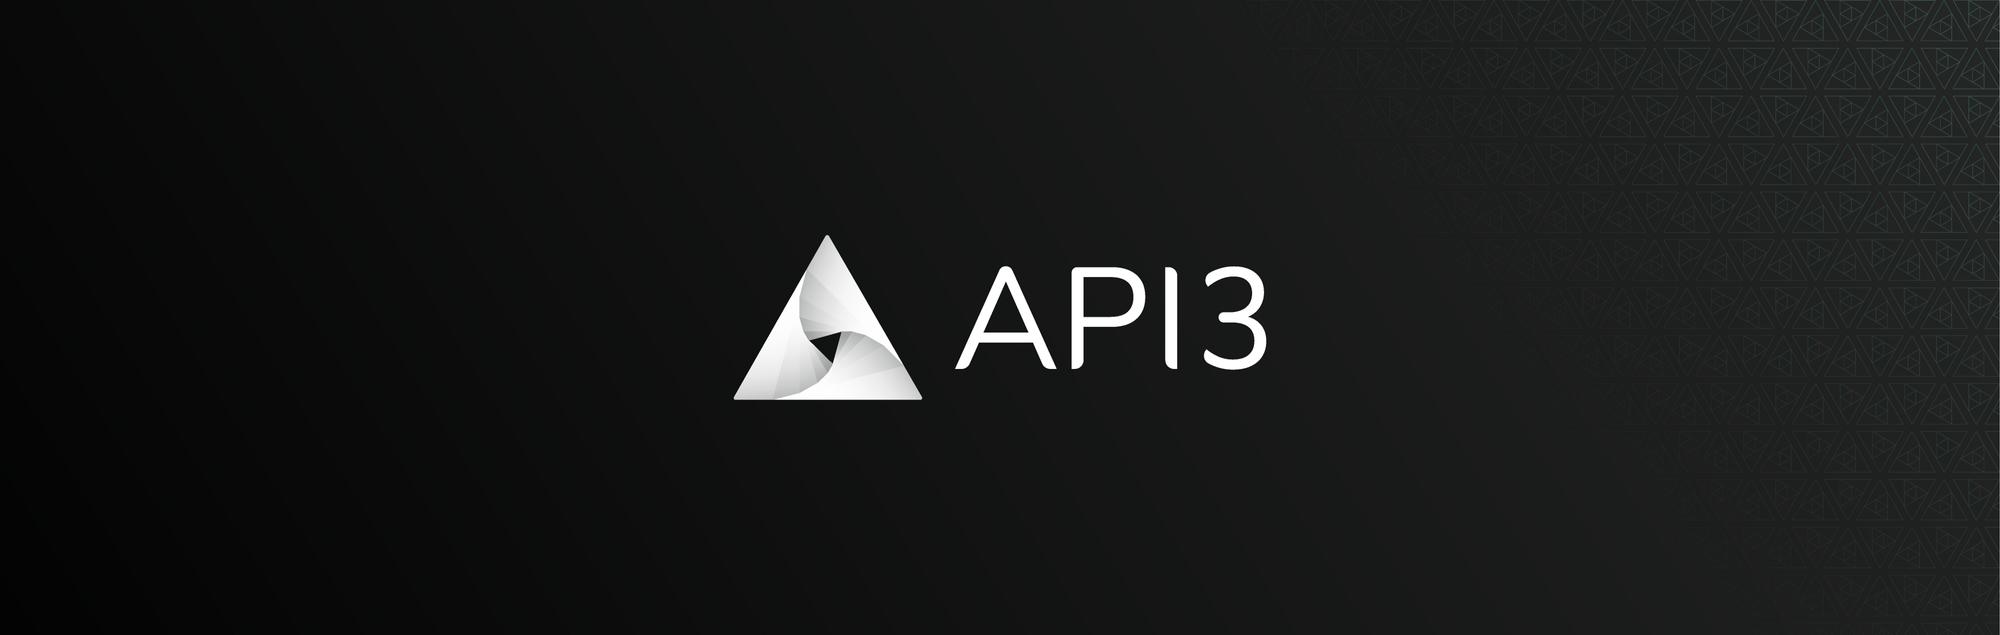 打通区块链与现实世界的最后一公里: API3